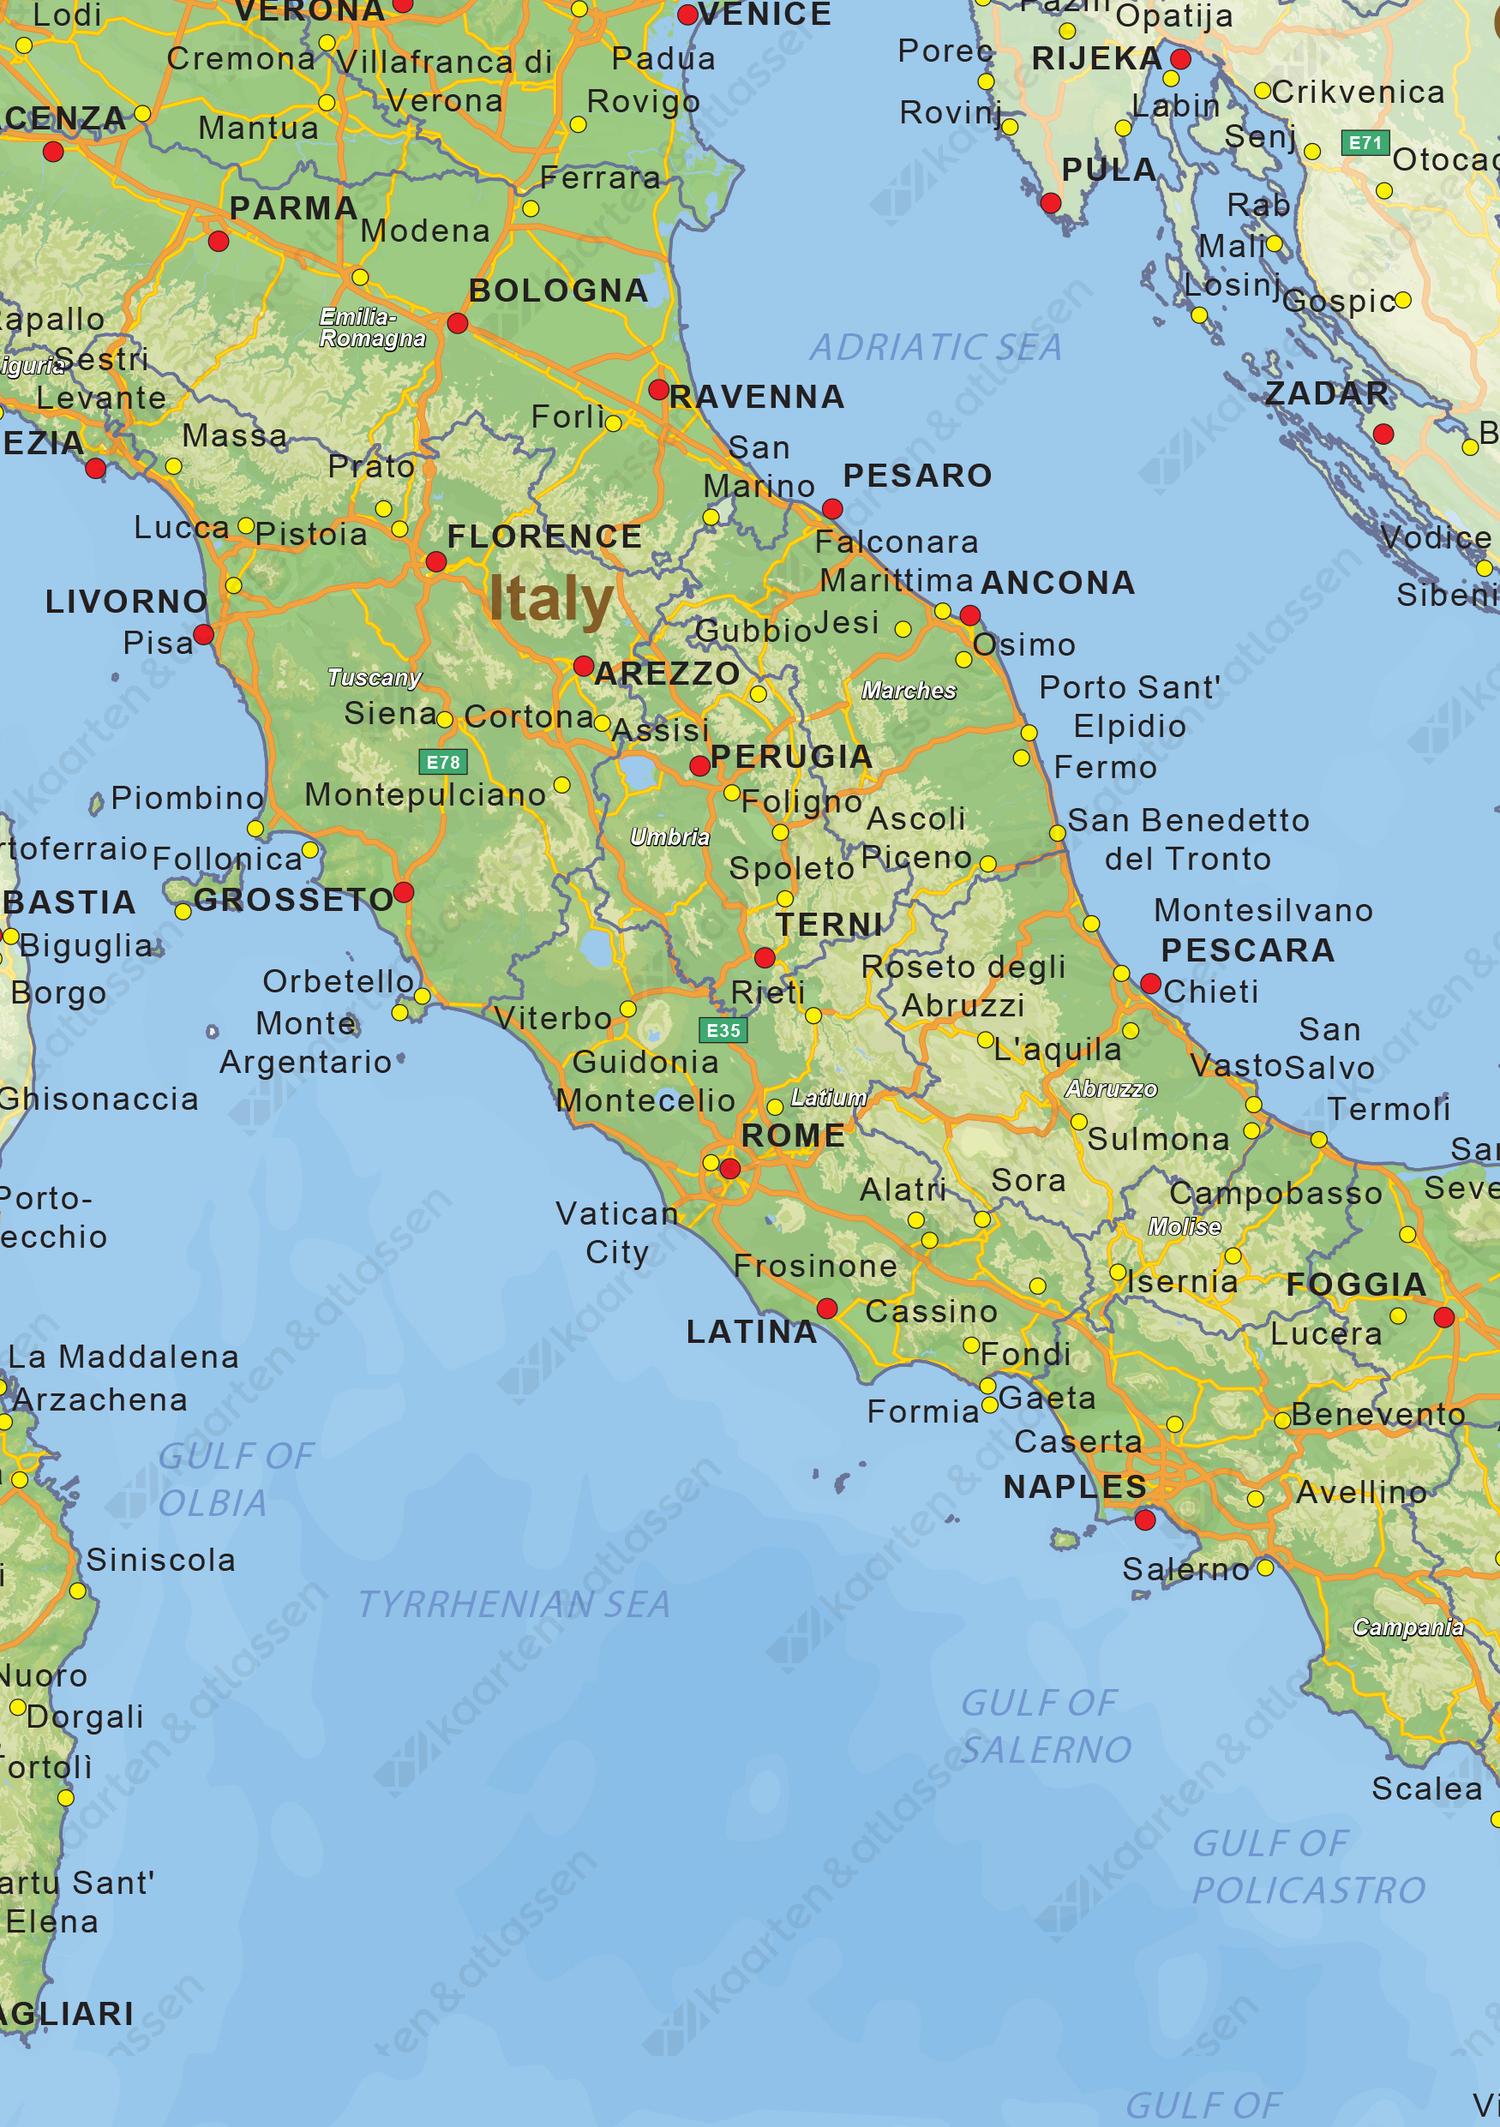 Natuurkundige landkaart Italië